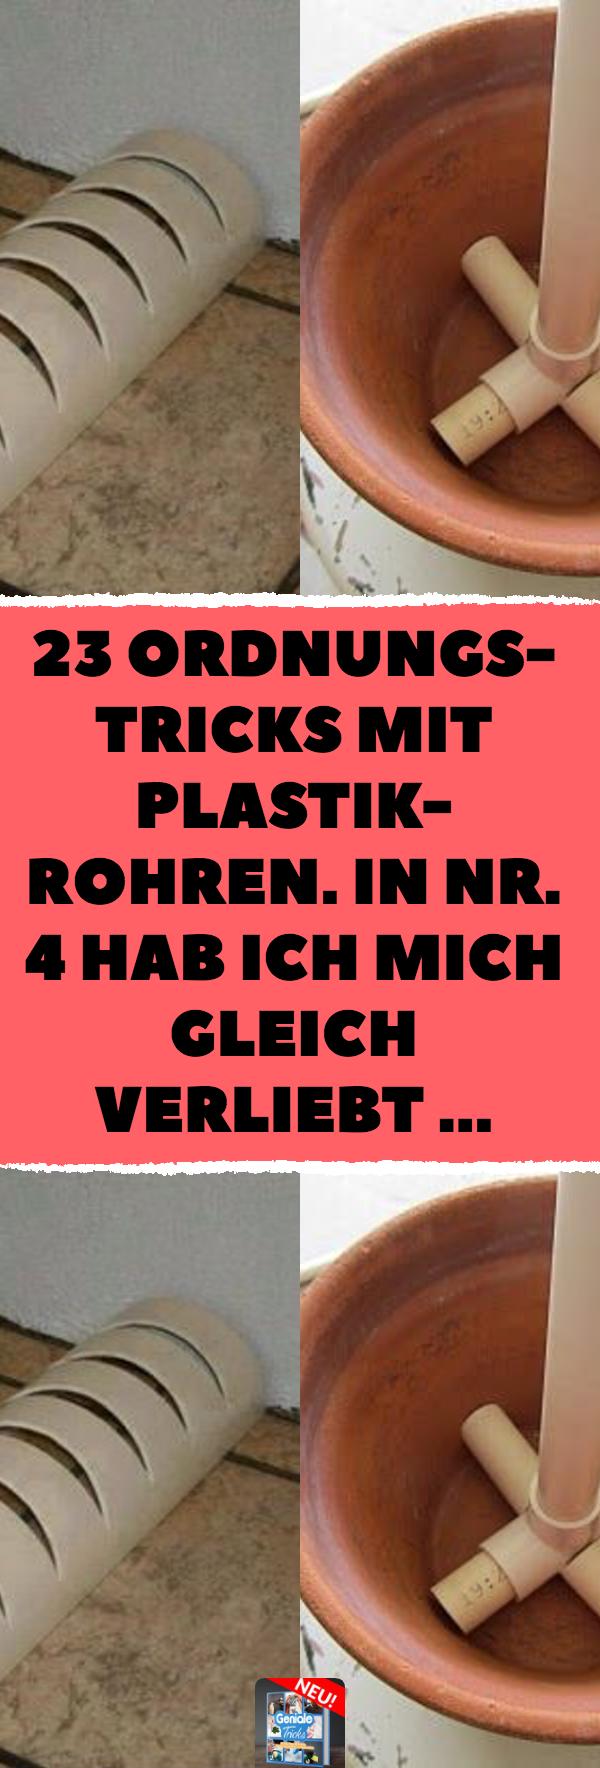 23 ordnungs tricks mit plastikrohren in nr 4 hab ich mich gleich verliebt 23 clevere ideen. Black Bedroom Furniture Sets. Home Design Ideas